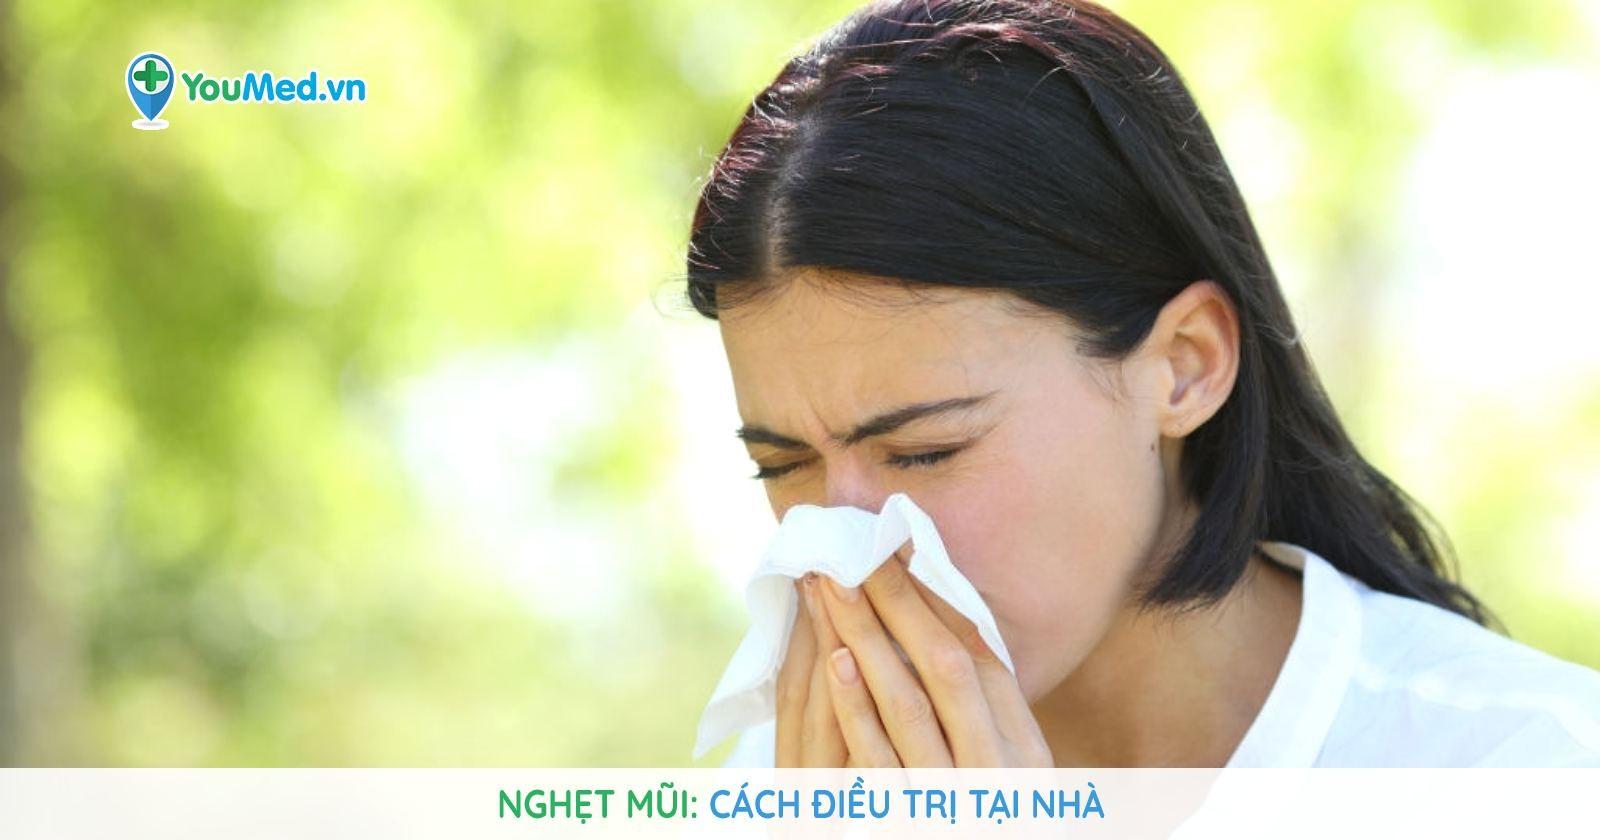 Nghẹt mũi: Cách chữa trị tại nhà